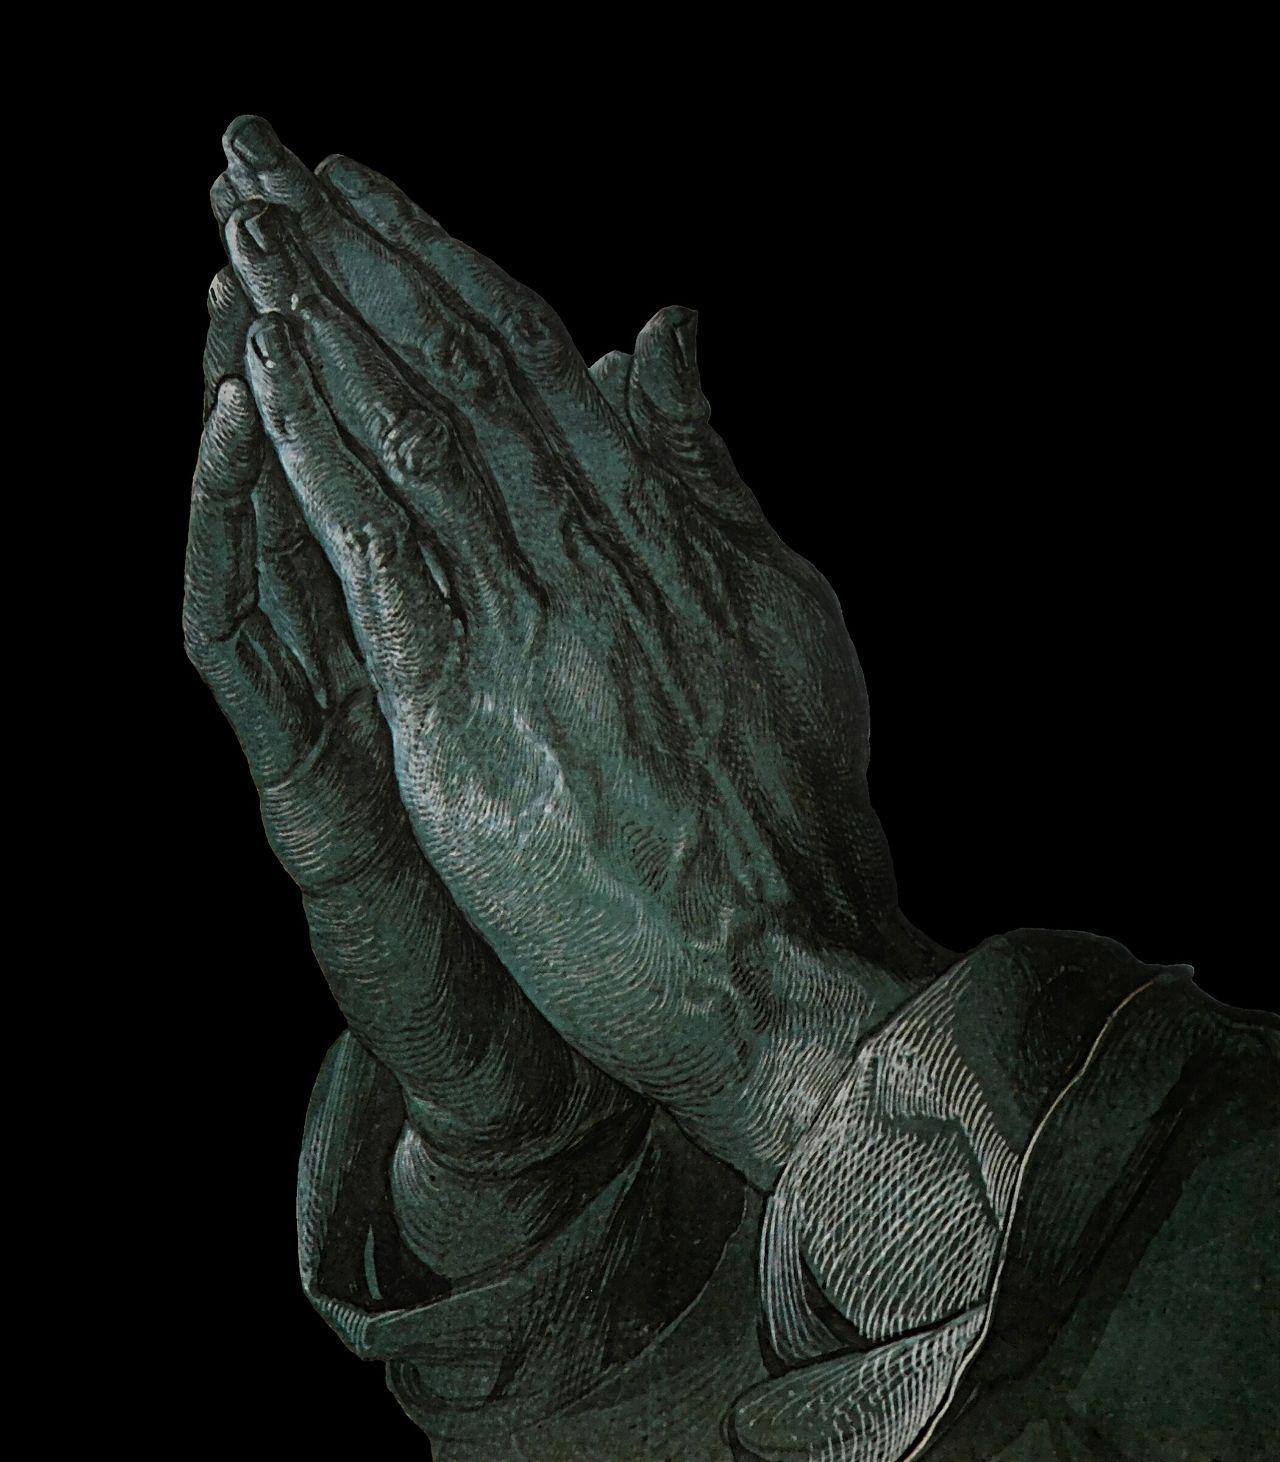 Les mains d'un apôtre